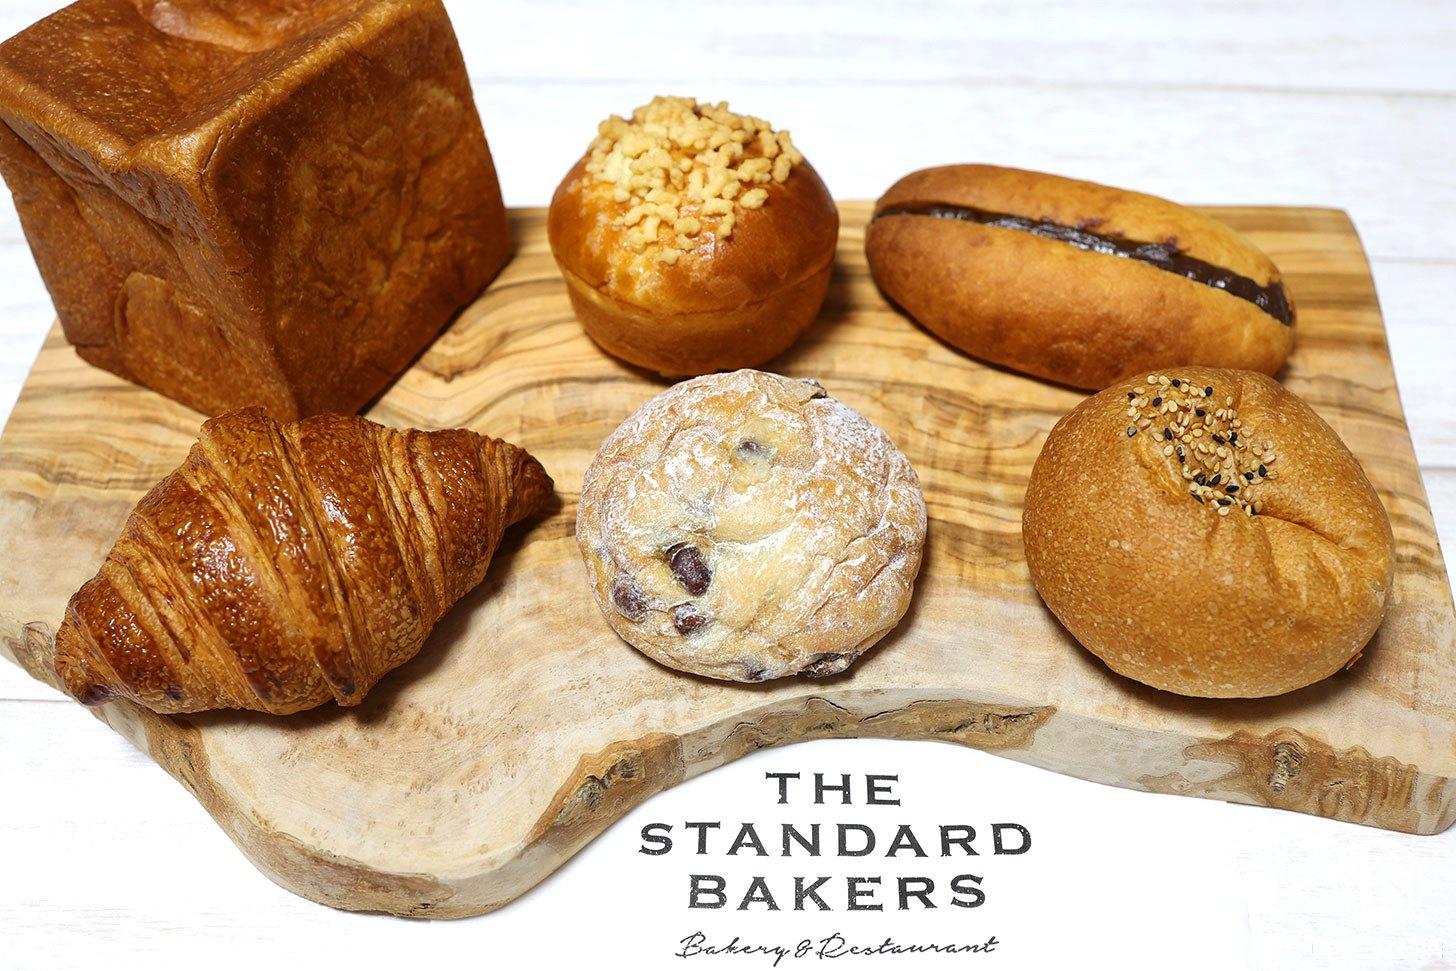 港南台・無印良品内「ネイバーズブレッド」で店舗限定パンやおすすめ購入!素材に凝ったパン屋さん